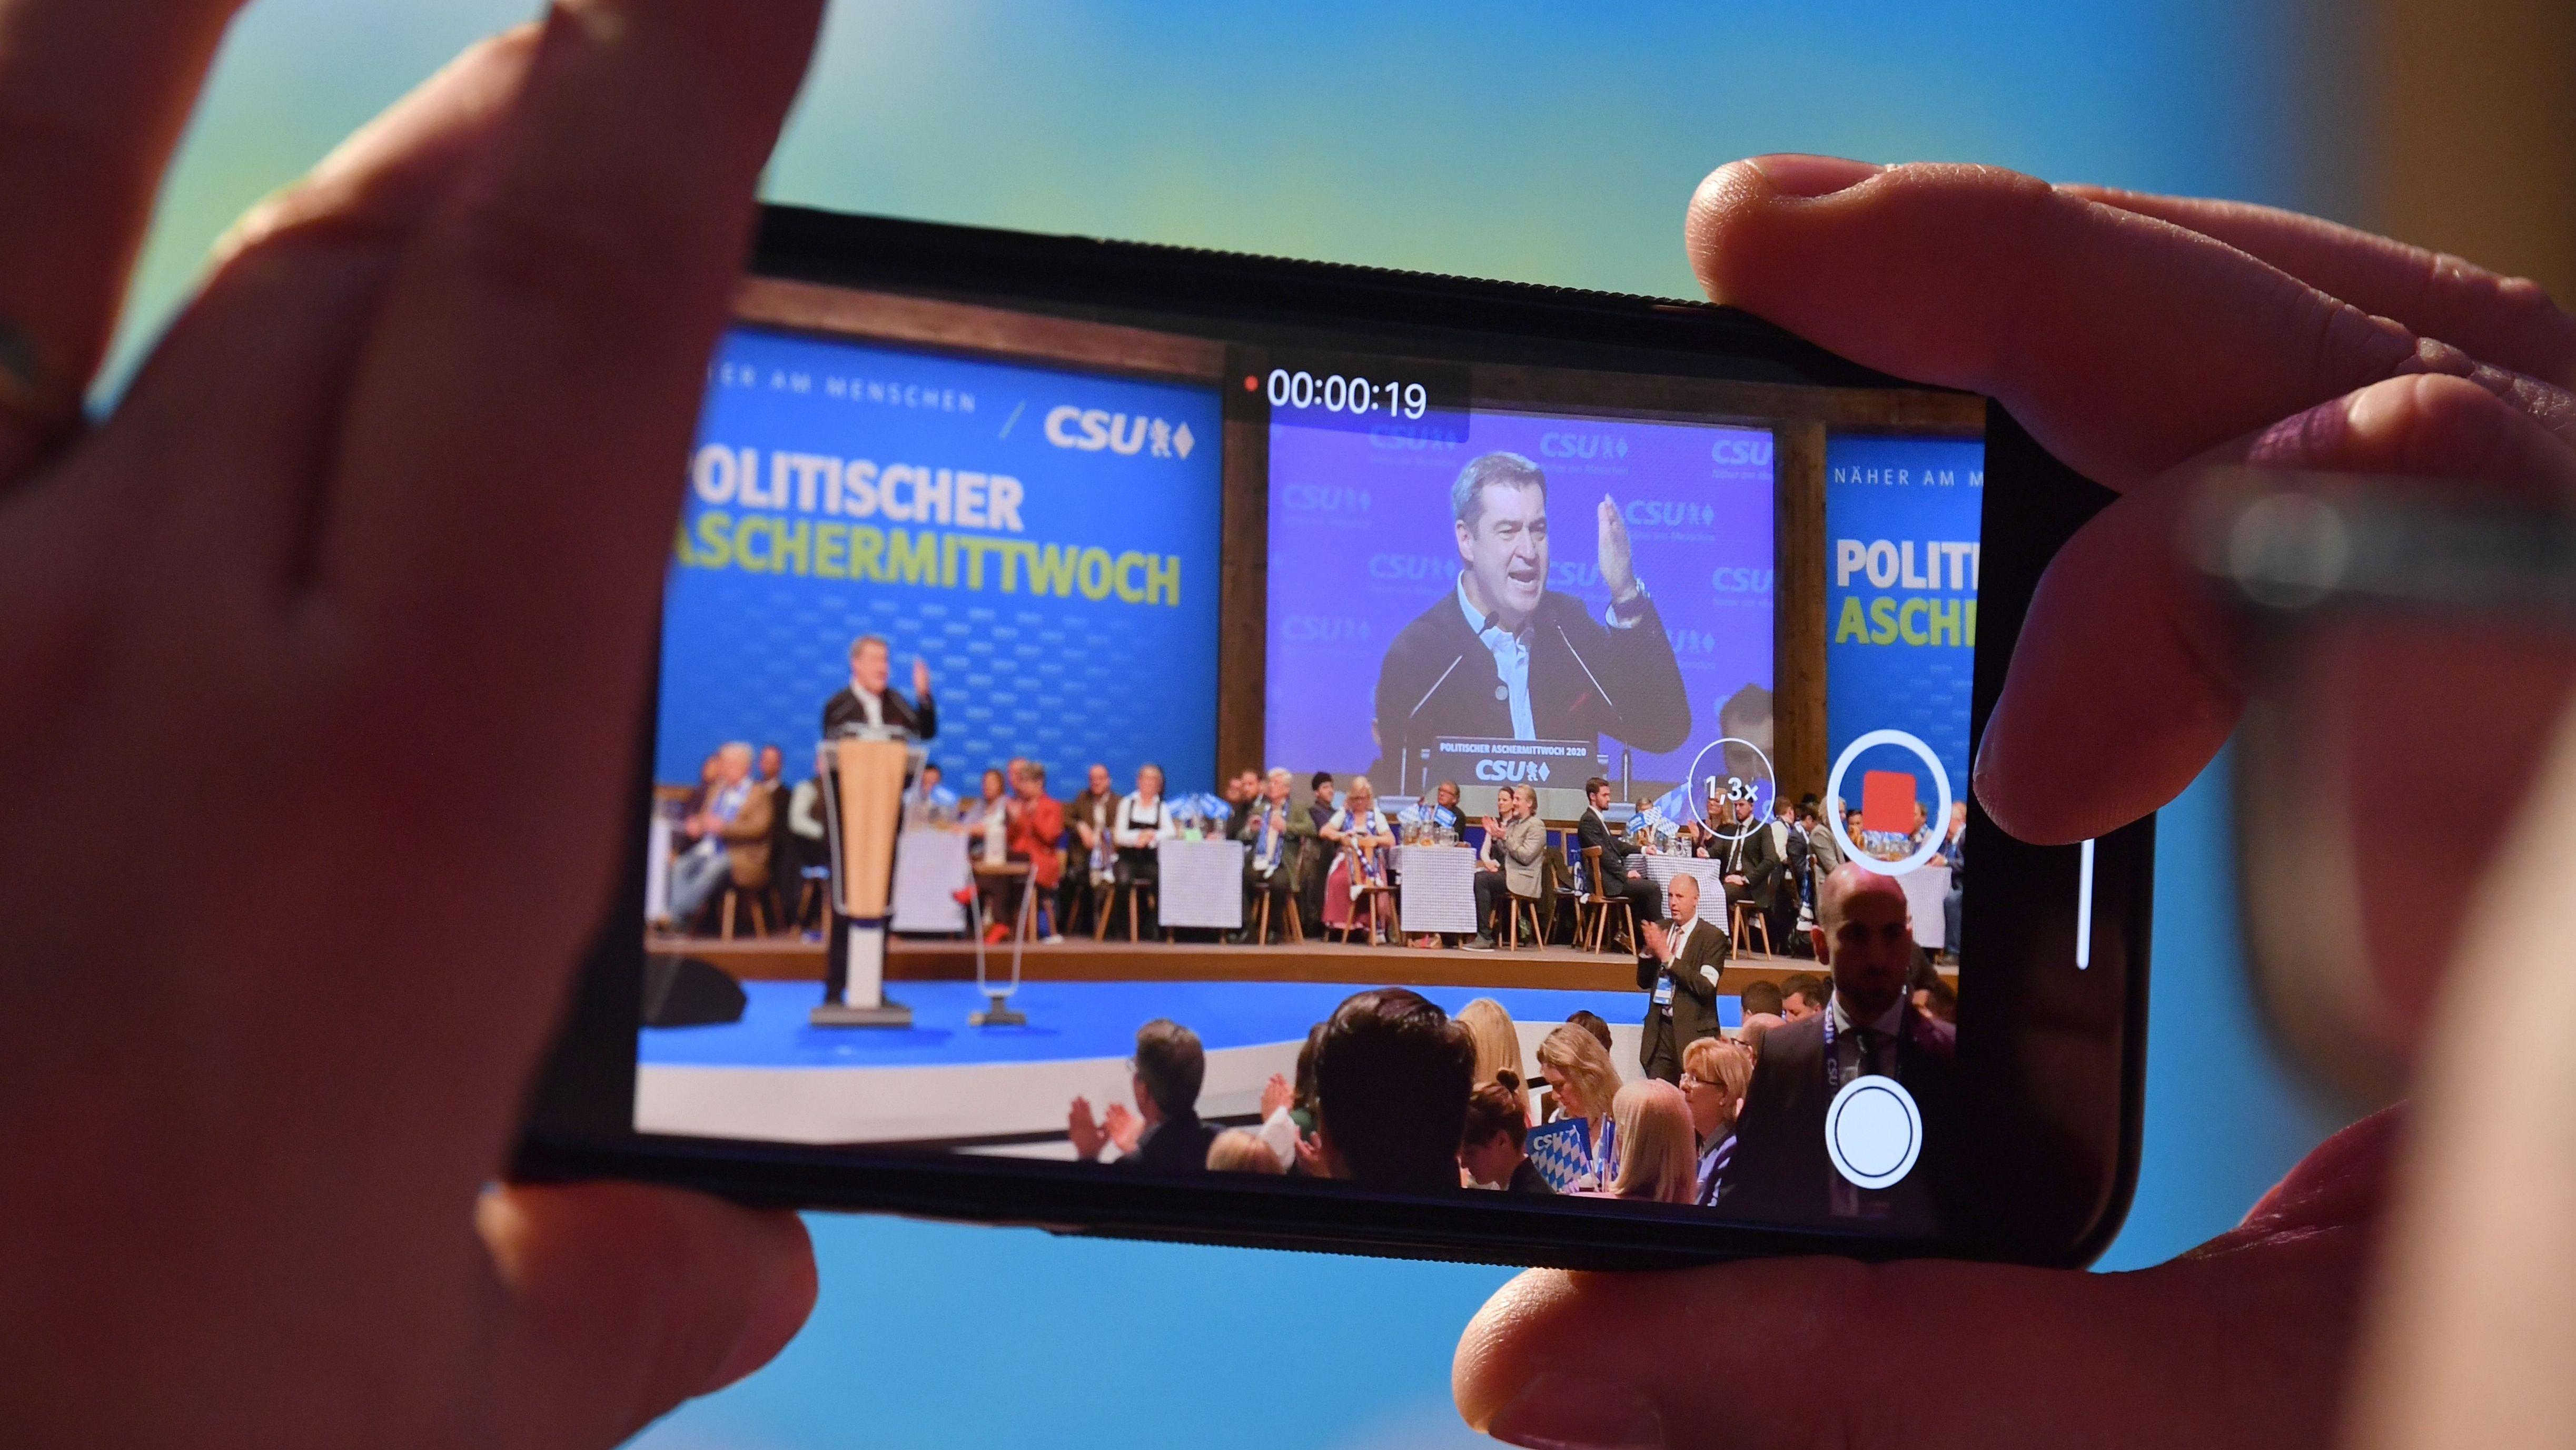 Markus Söder, CSU-Vorsitzender und Ministerpräsident aus Bayern, spricht beim Politischen Aschermittwoch der CSU - gefilmt von einem Smartphone.